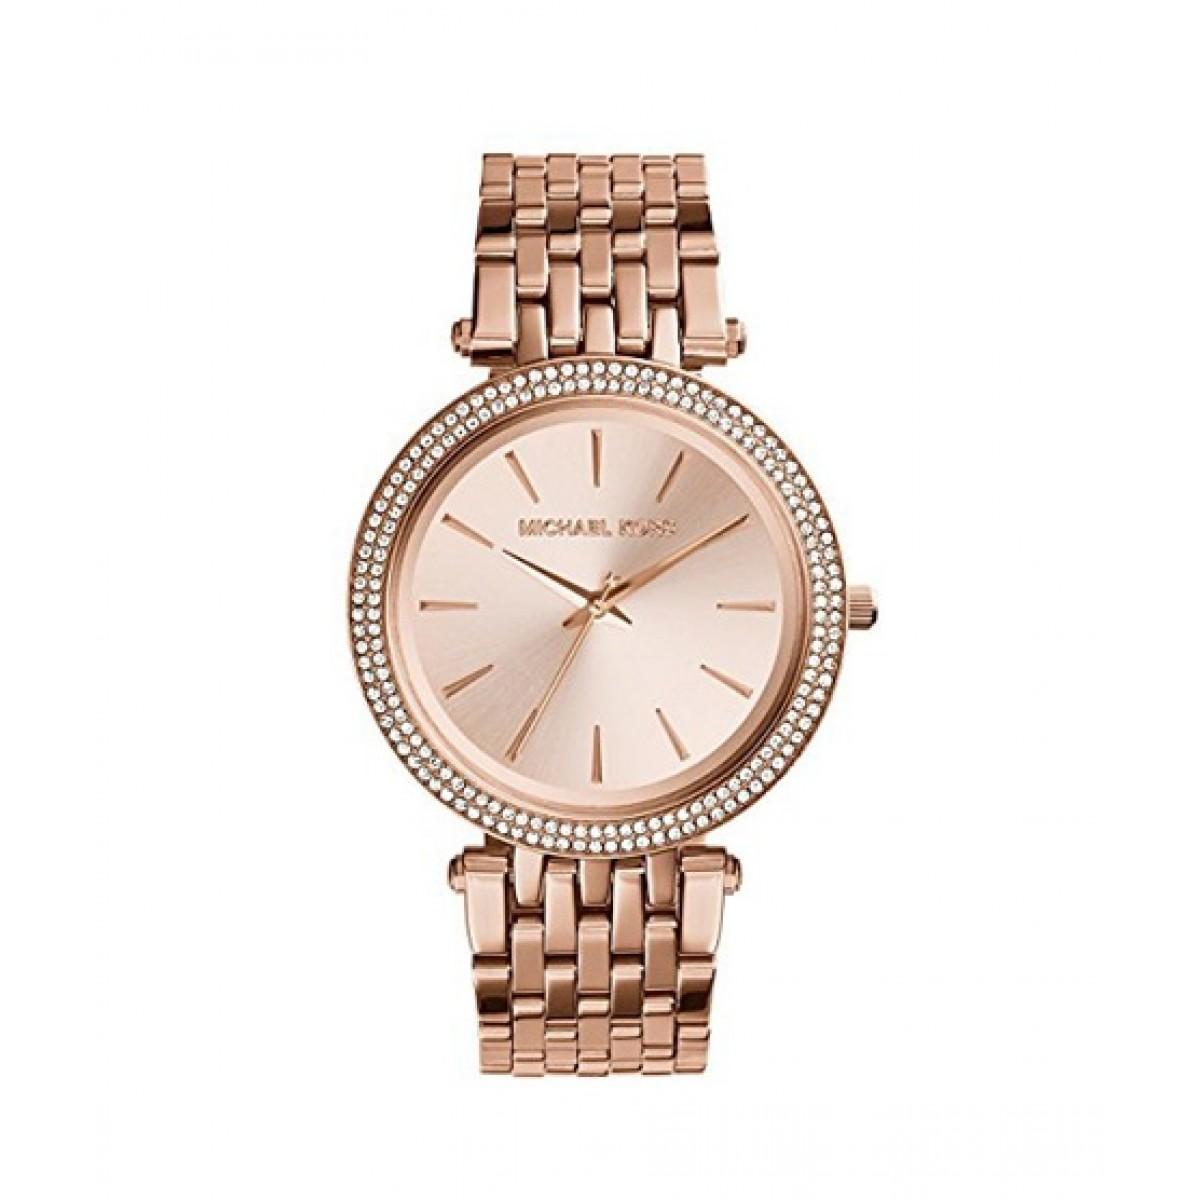 56769df0719b Michael Kors Darci Women s Watch Price in Pakistan